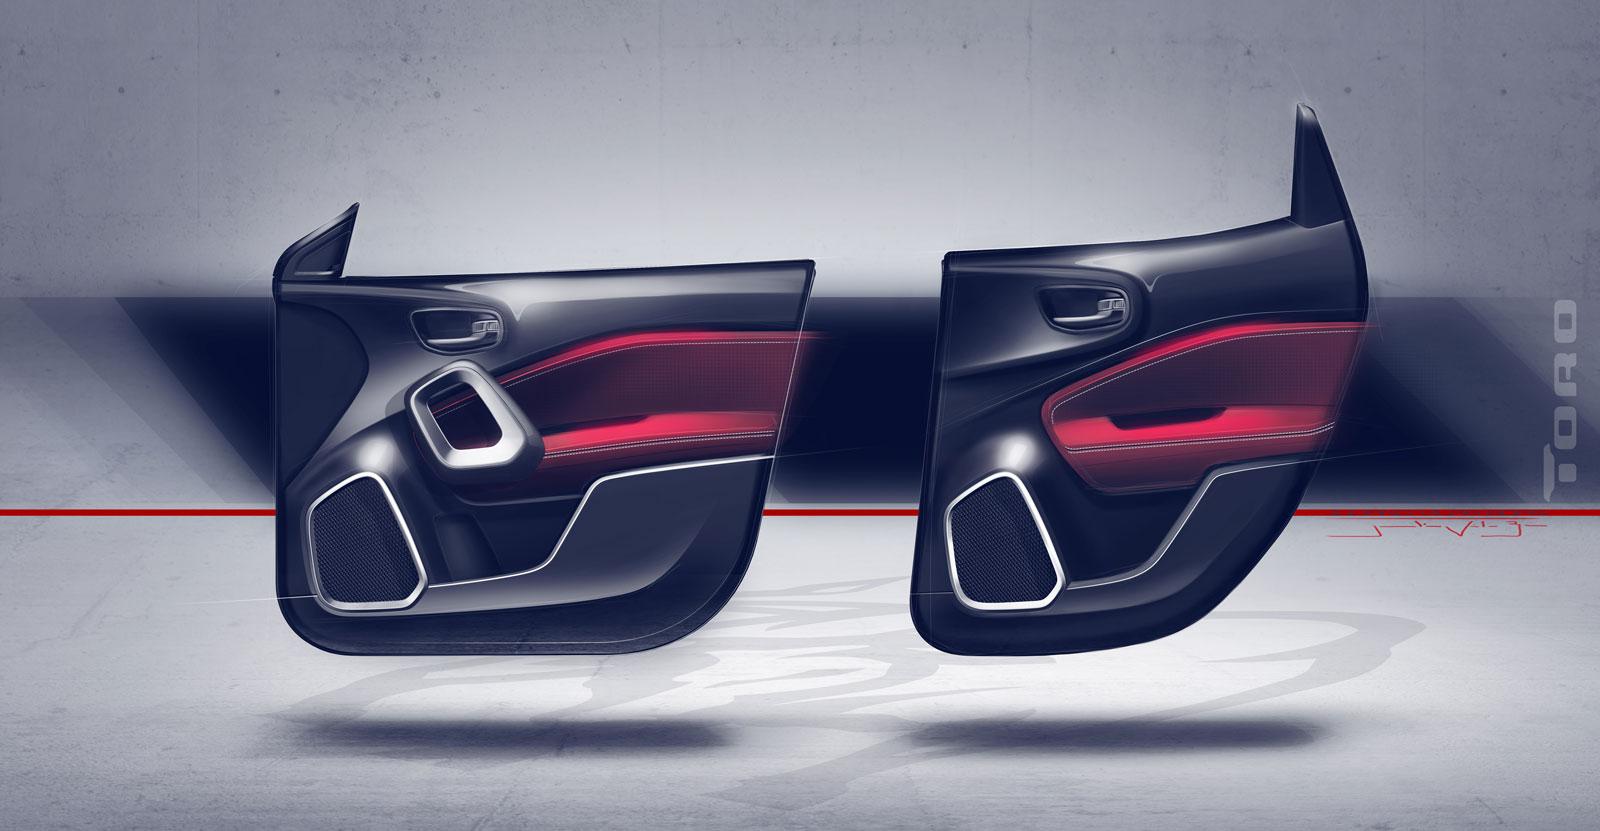 Fiat Toro Interior Design Sketch Render Door Panel